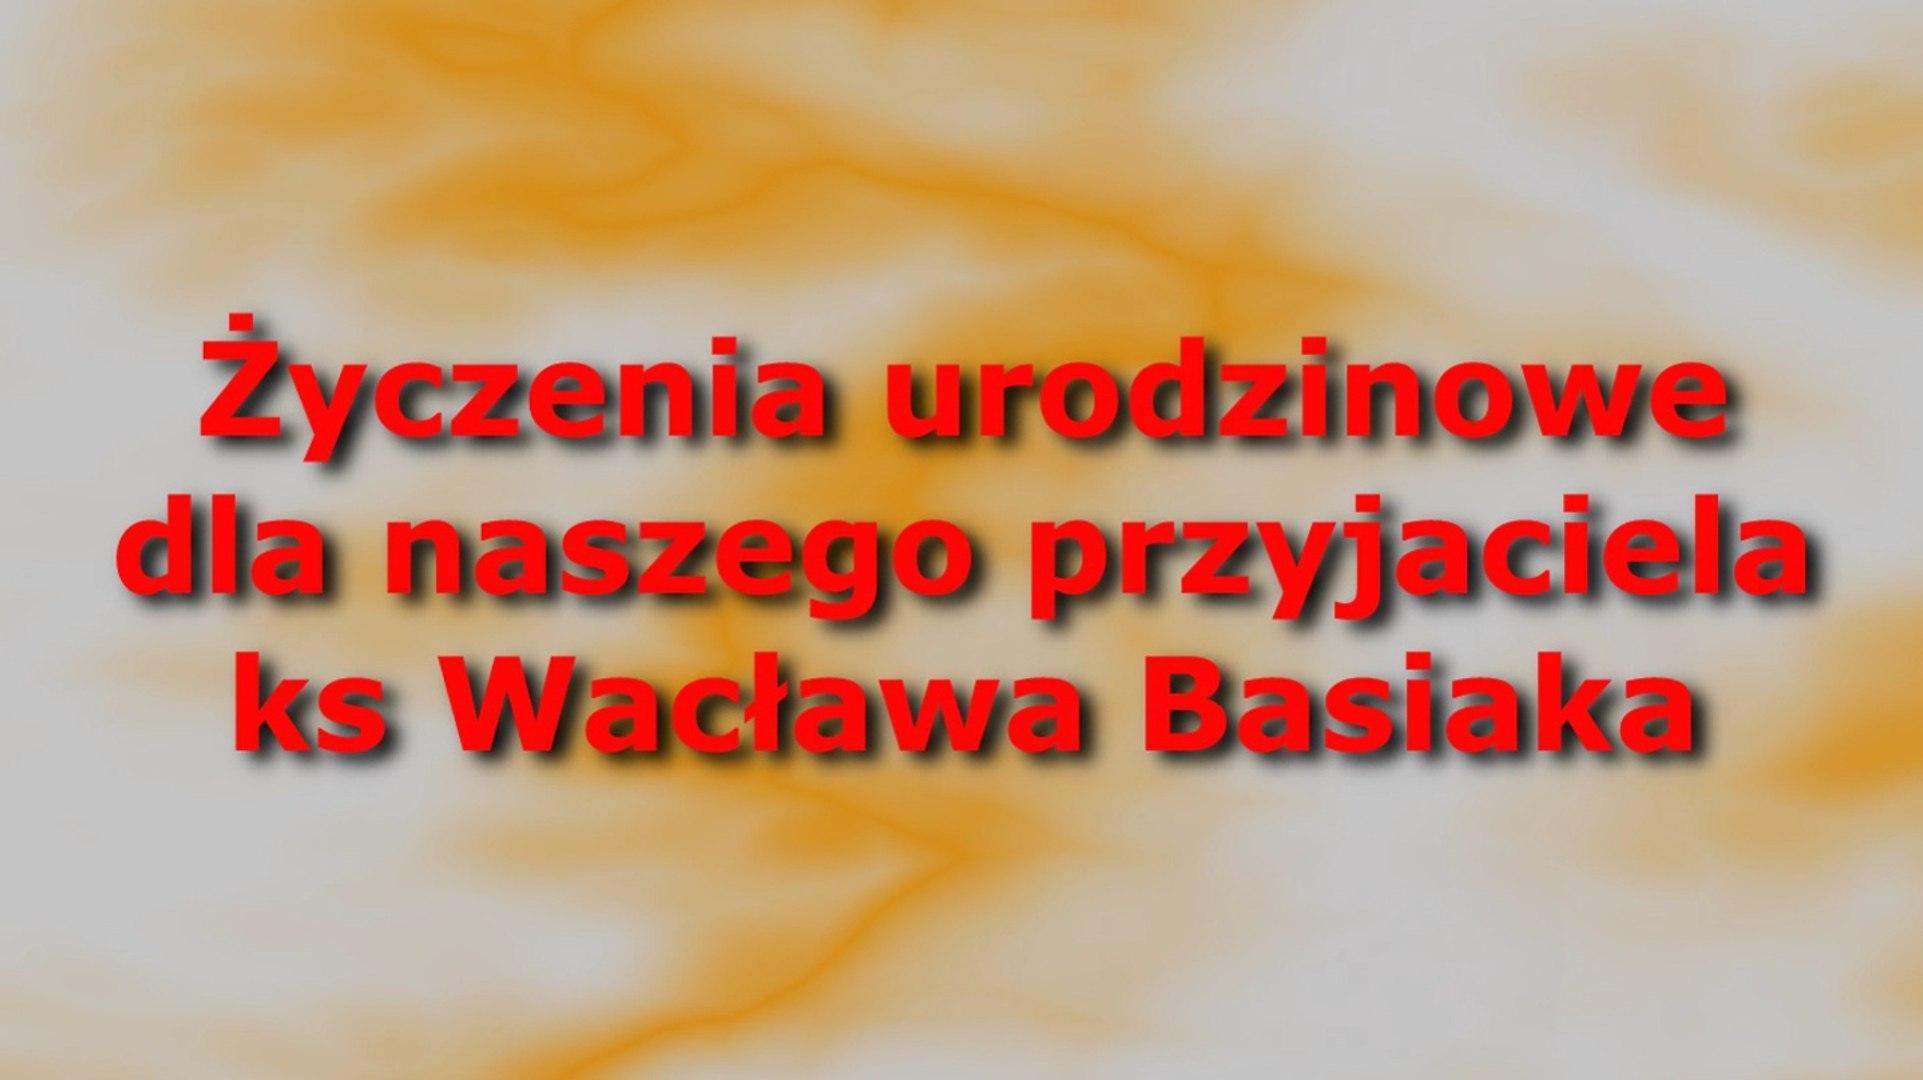 życzenia Dla Księdza Wacława Basiaka